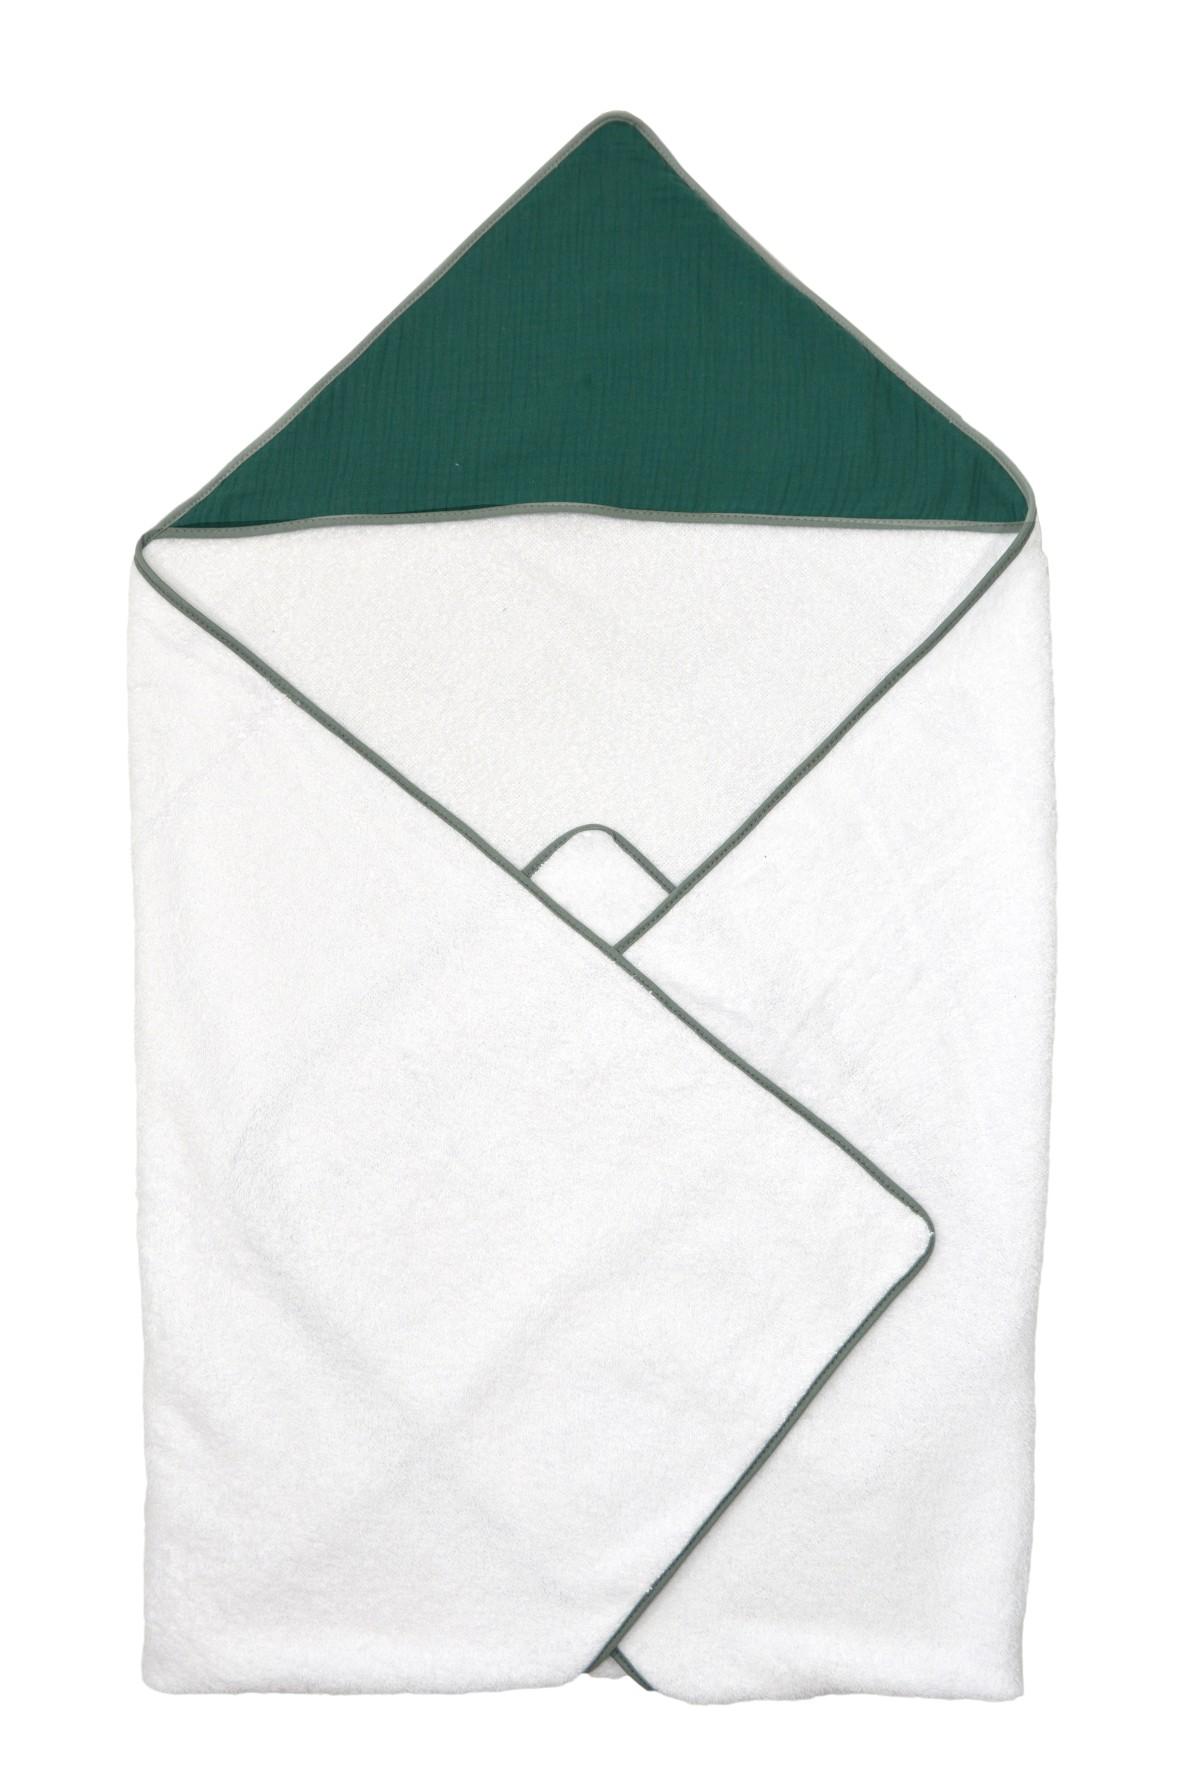 Okrycie kąpielowe dla dziecka 100x100cm - biało-zielone